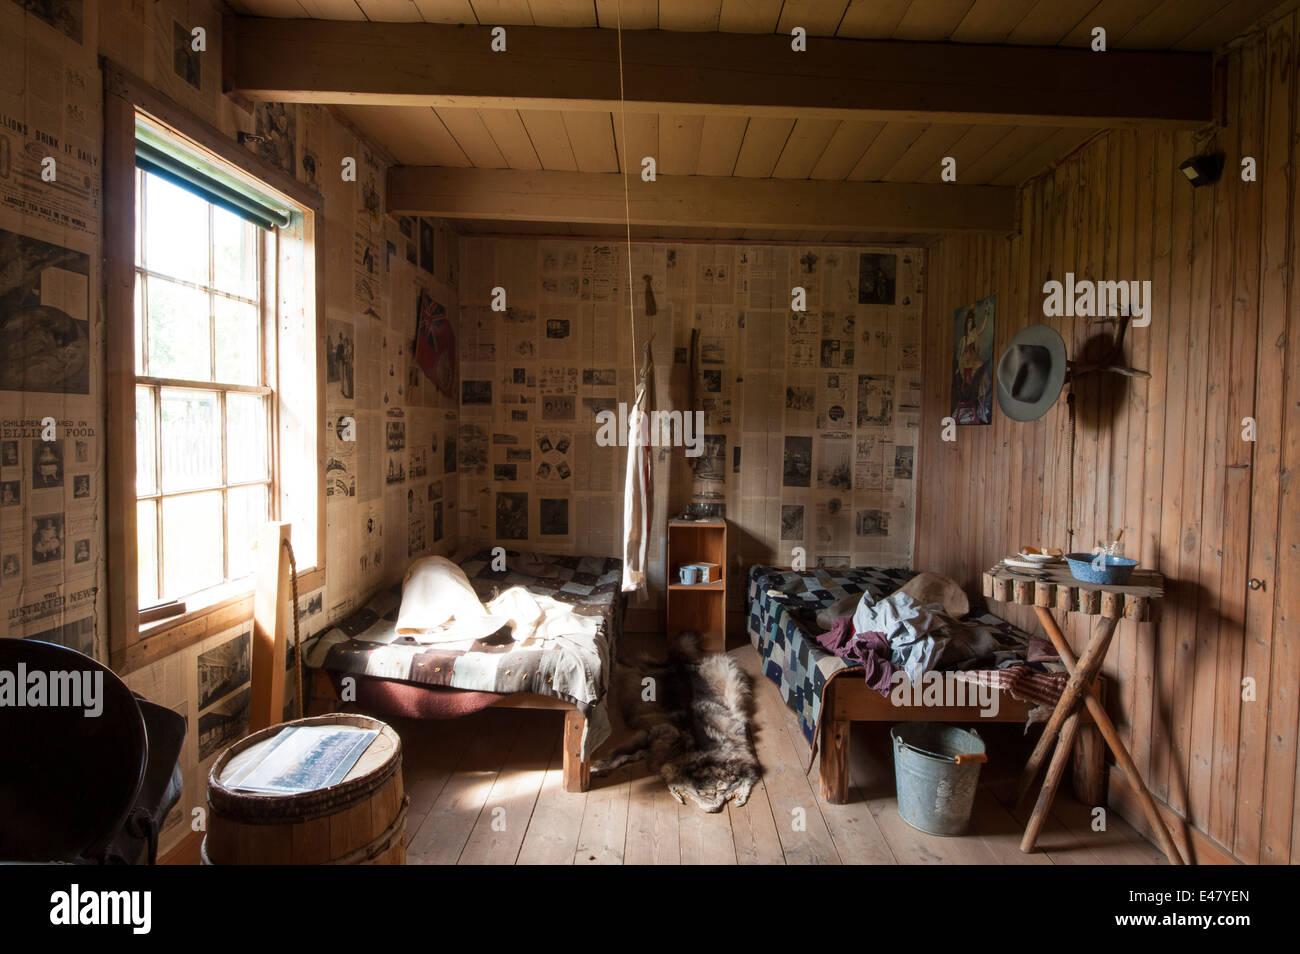 Alte Betten Schlafzimmer Mobel Blockhutte Anzeigen Fort Saint St